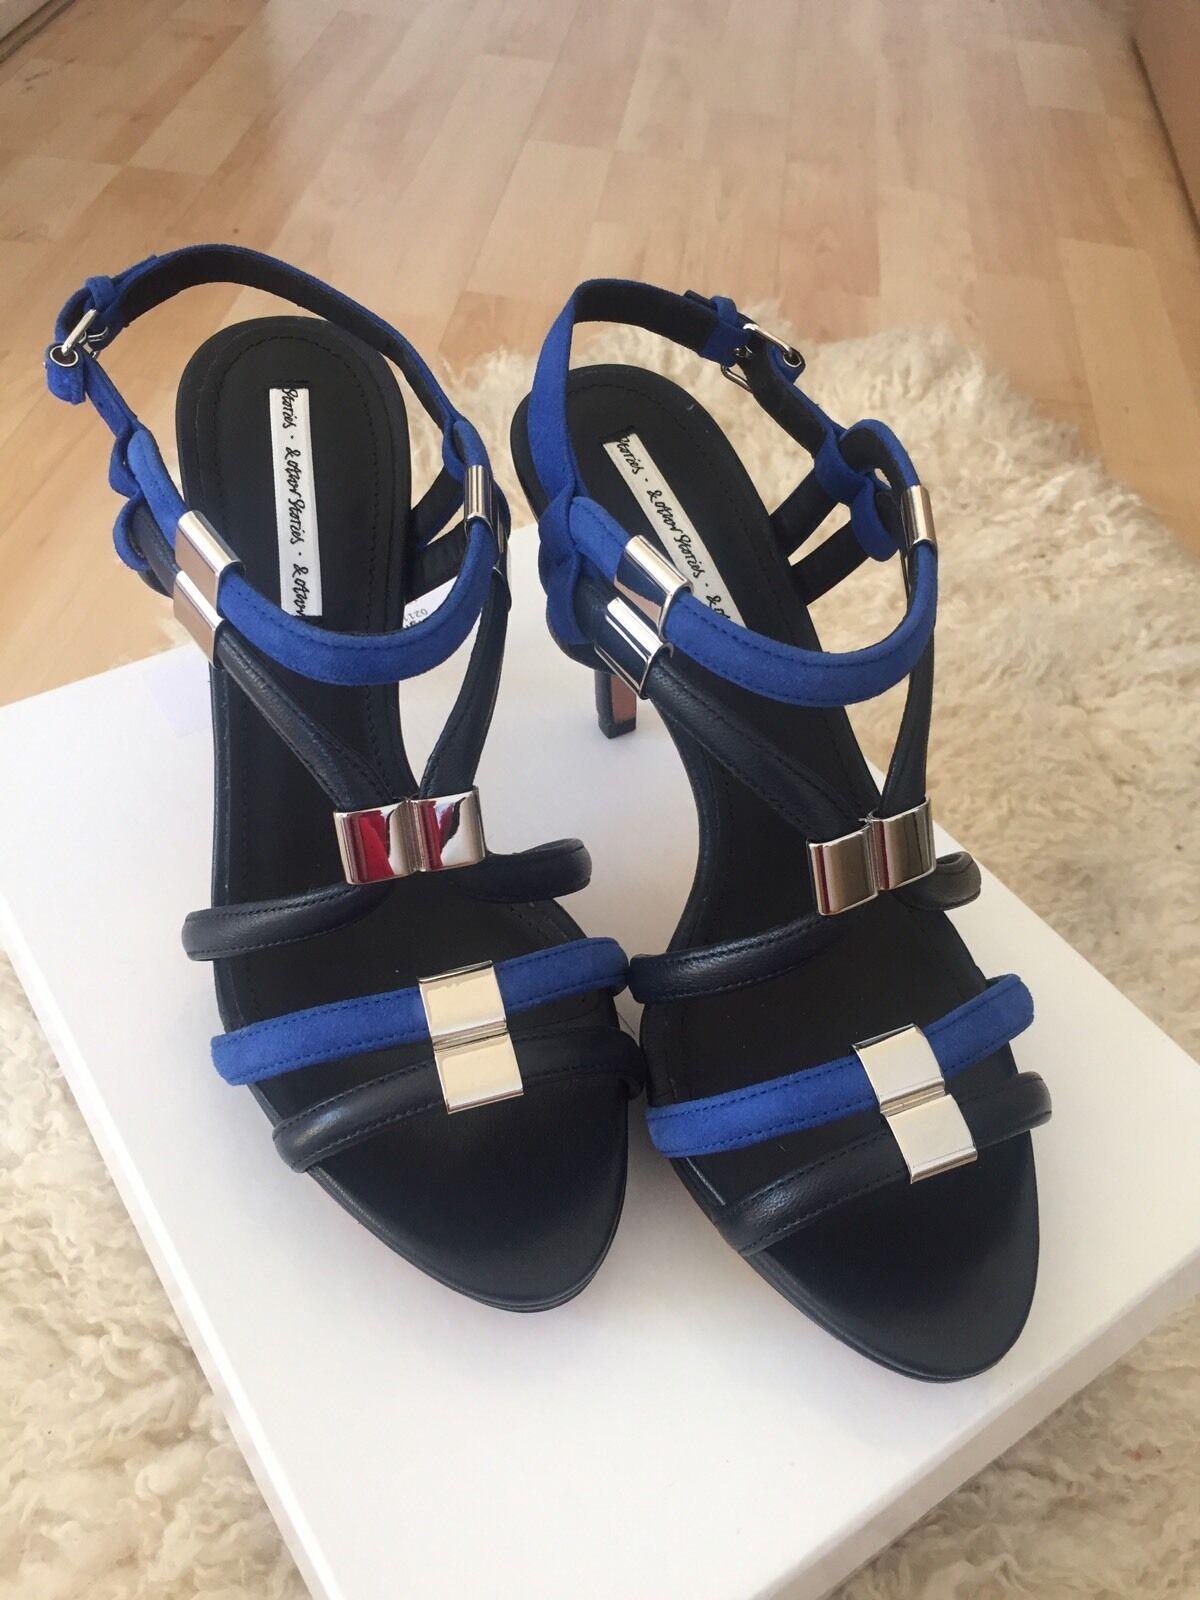 & Other Stories Blau ROTdish Dark NEU Sandaletten Pump Schuhe 39 NEU Dark OVP fd0b1b